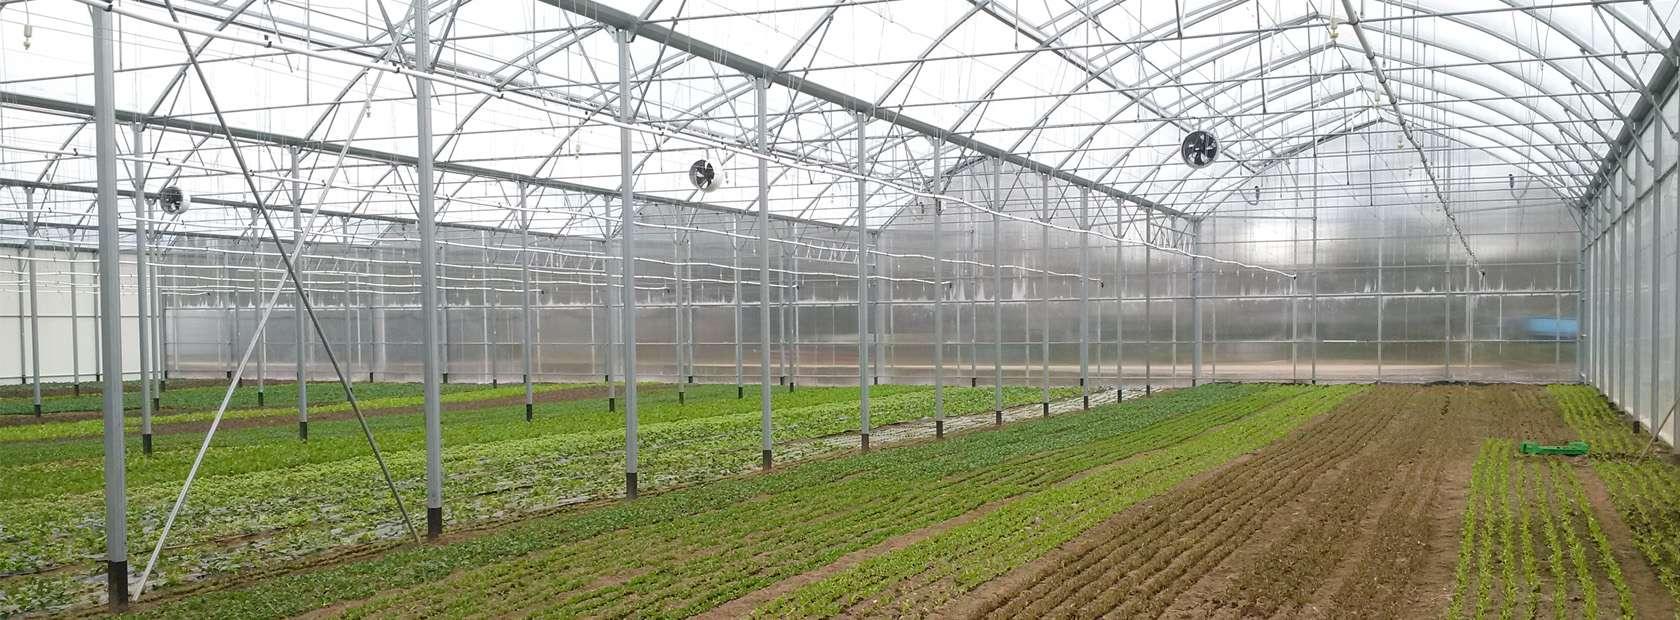 Organic vegetable crops, Les jardins de Cocagne, France ...